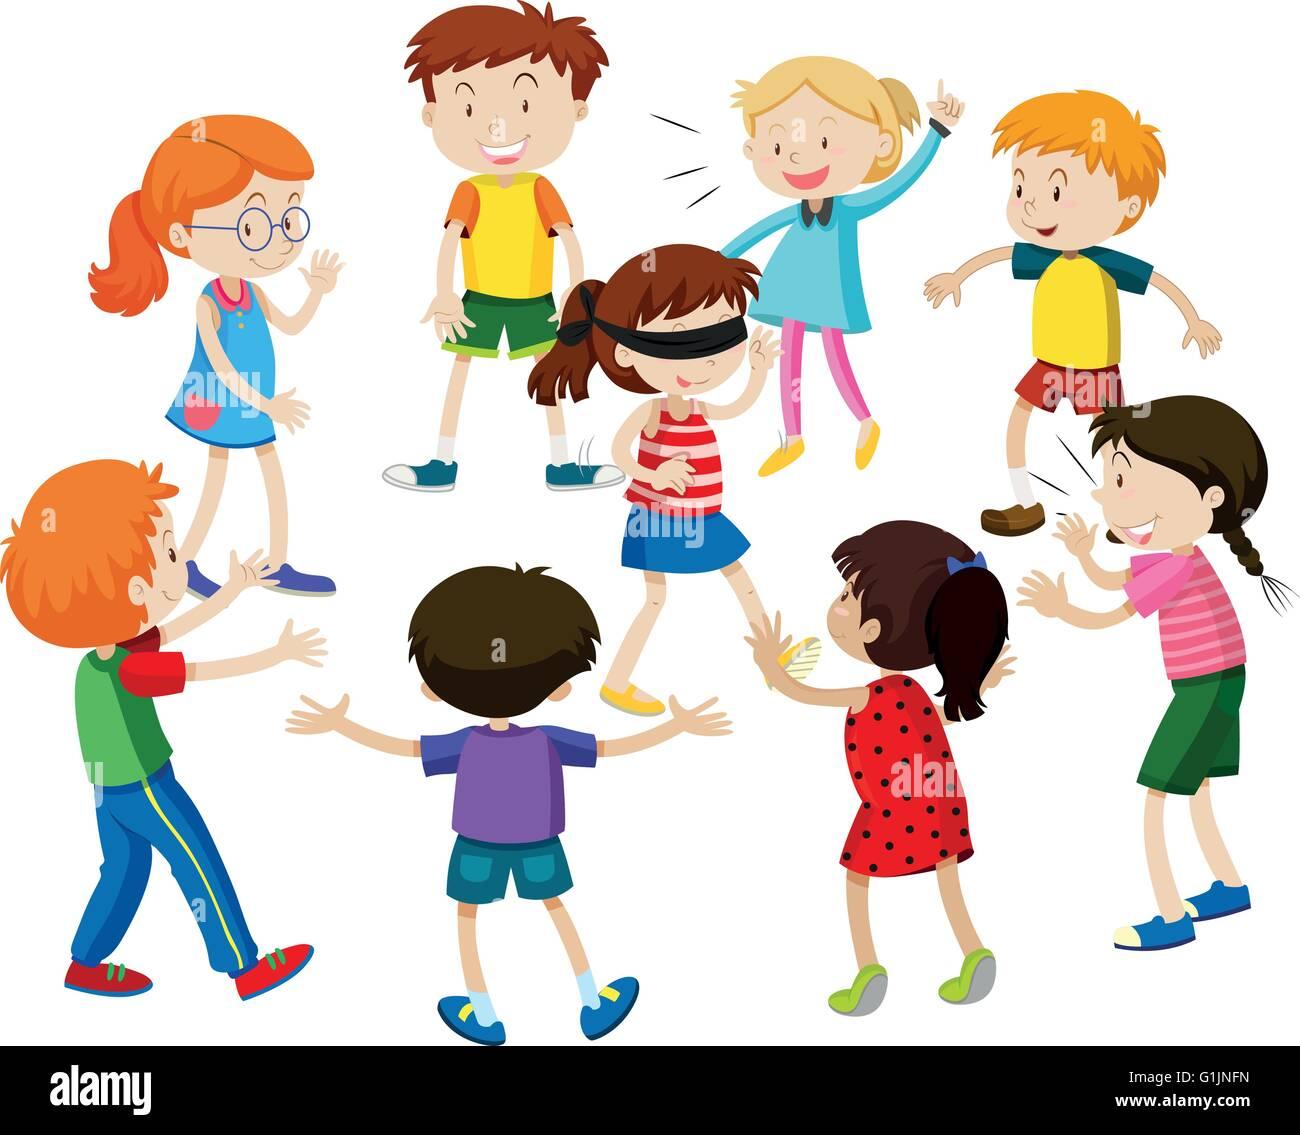 Kinder spielen blinde gefaltete Abbildung Stockbild